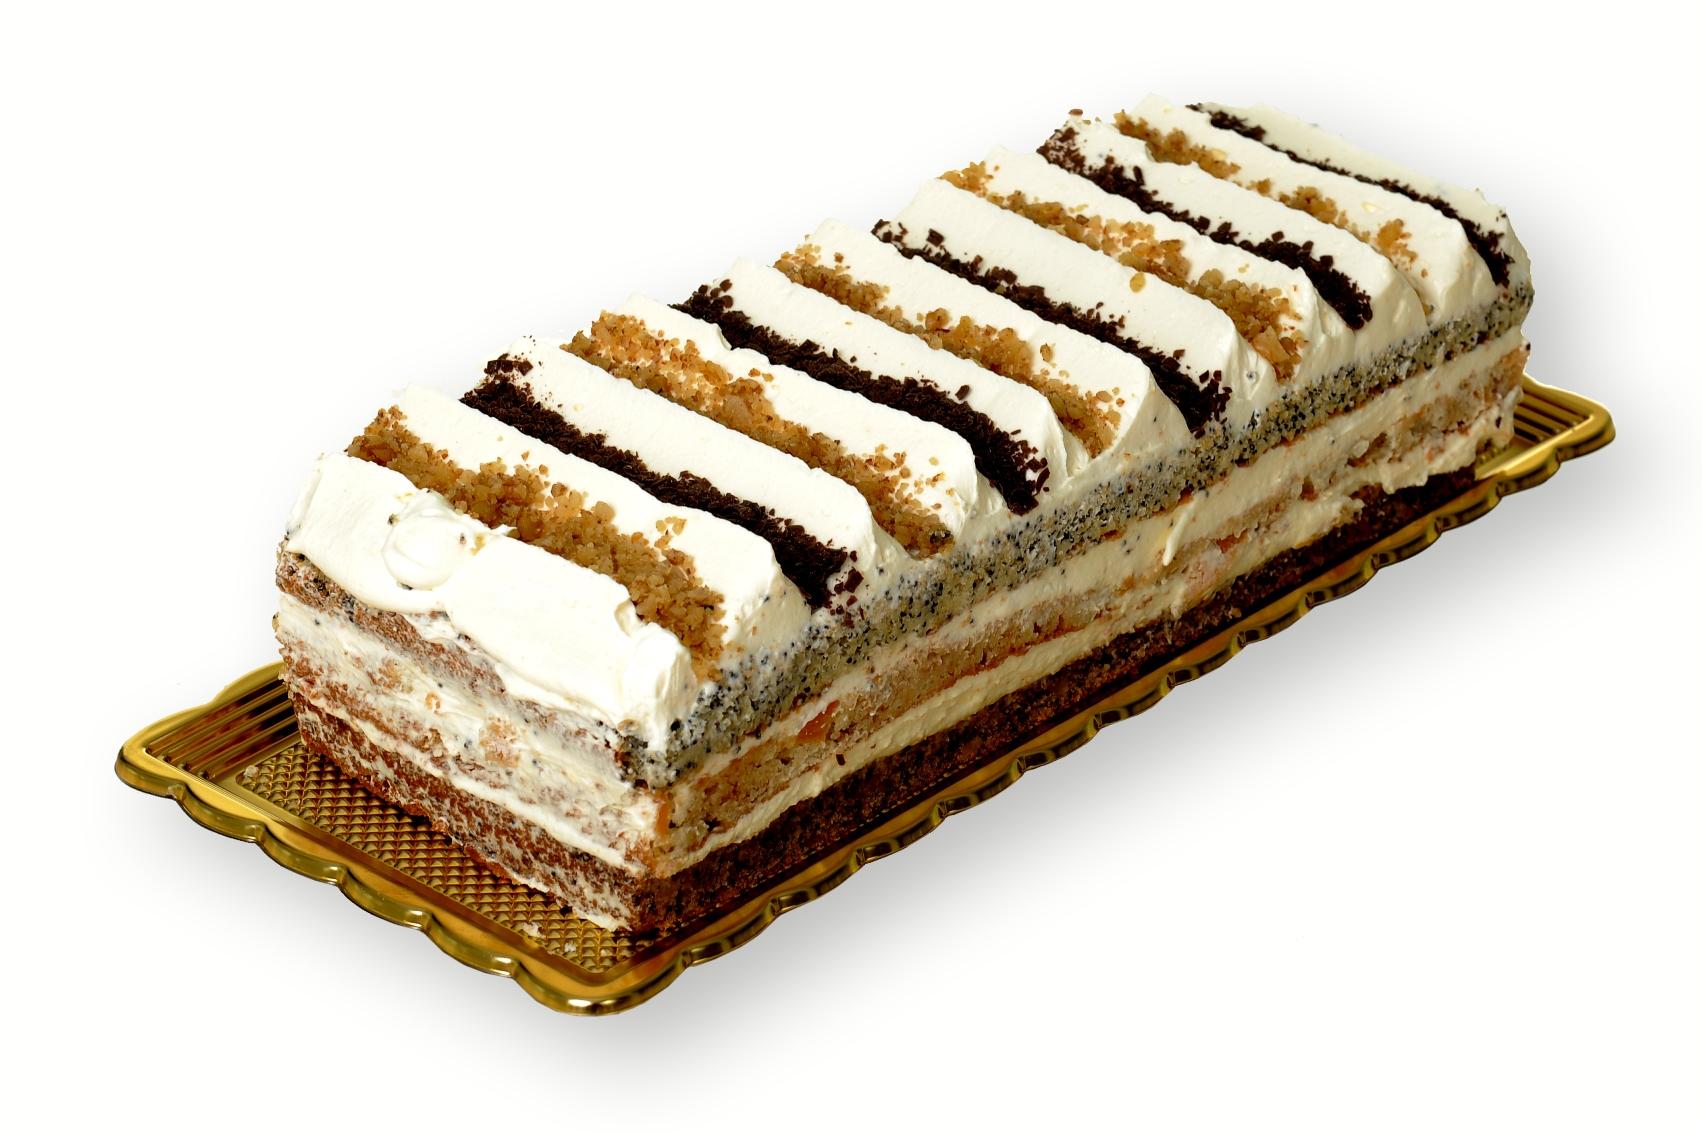 Торт алладин от винни пуха